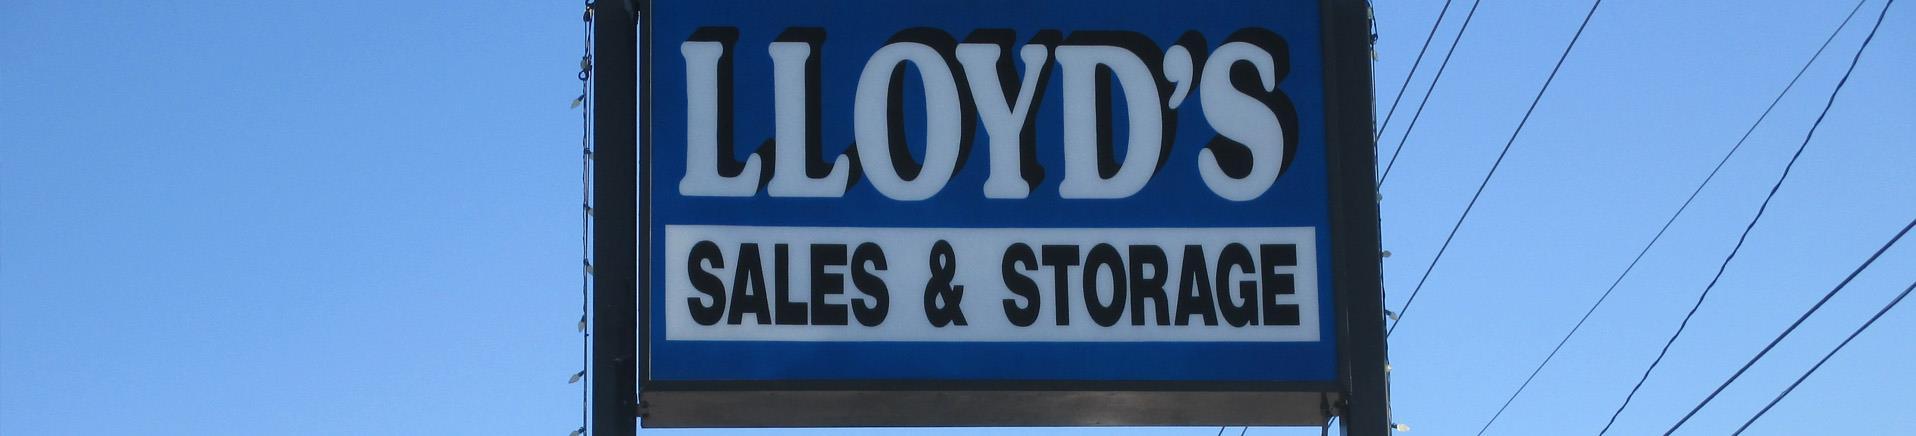 Lloyds Used Cars Market Street Wilmington